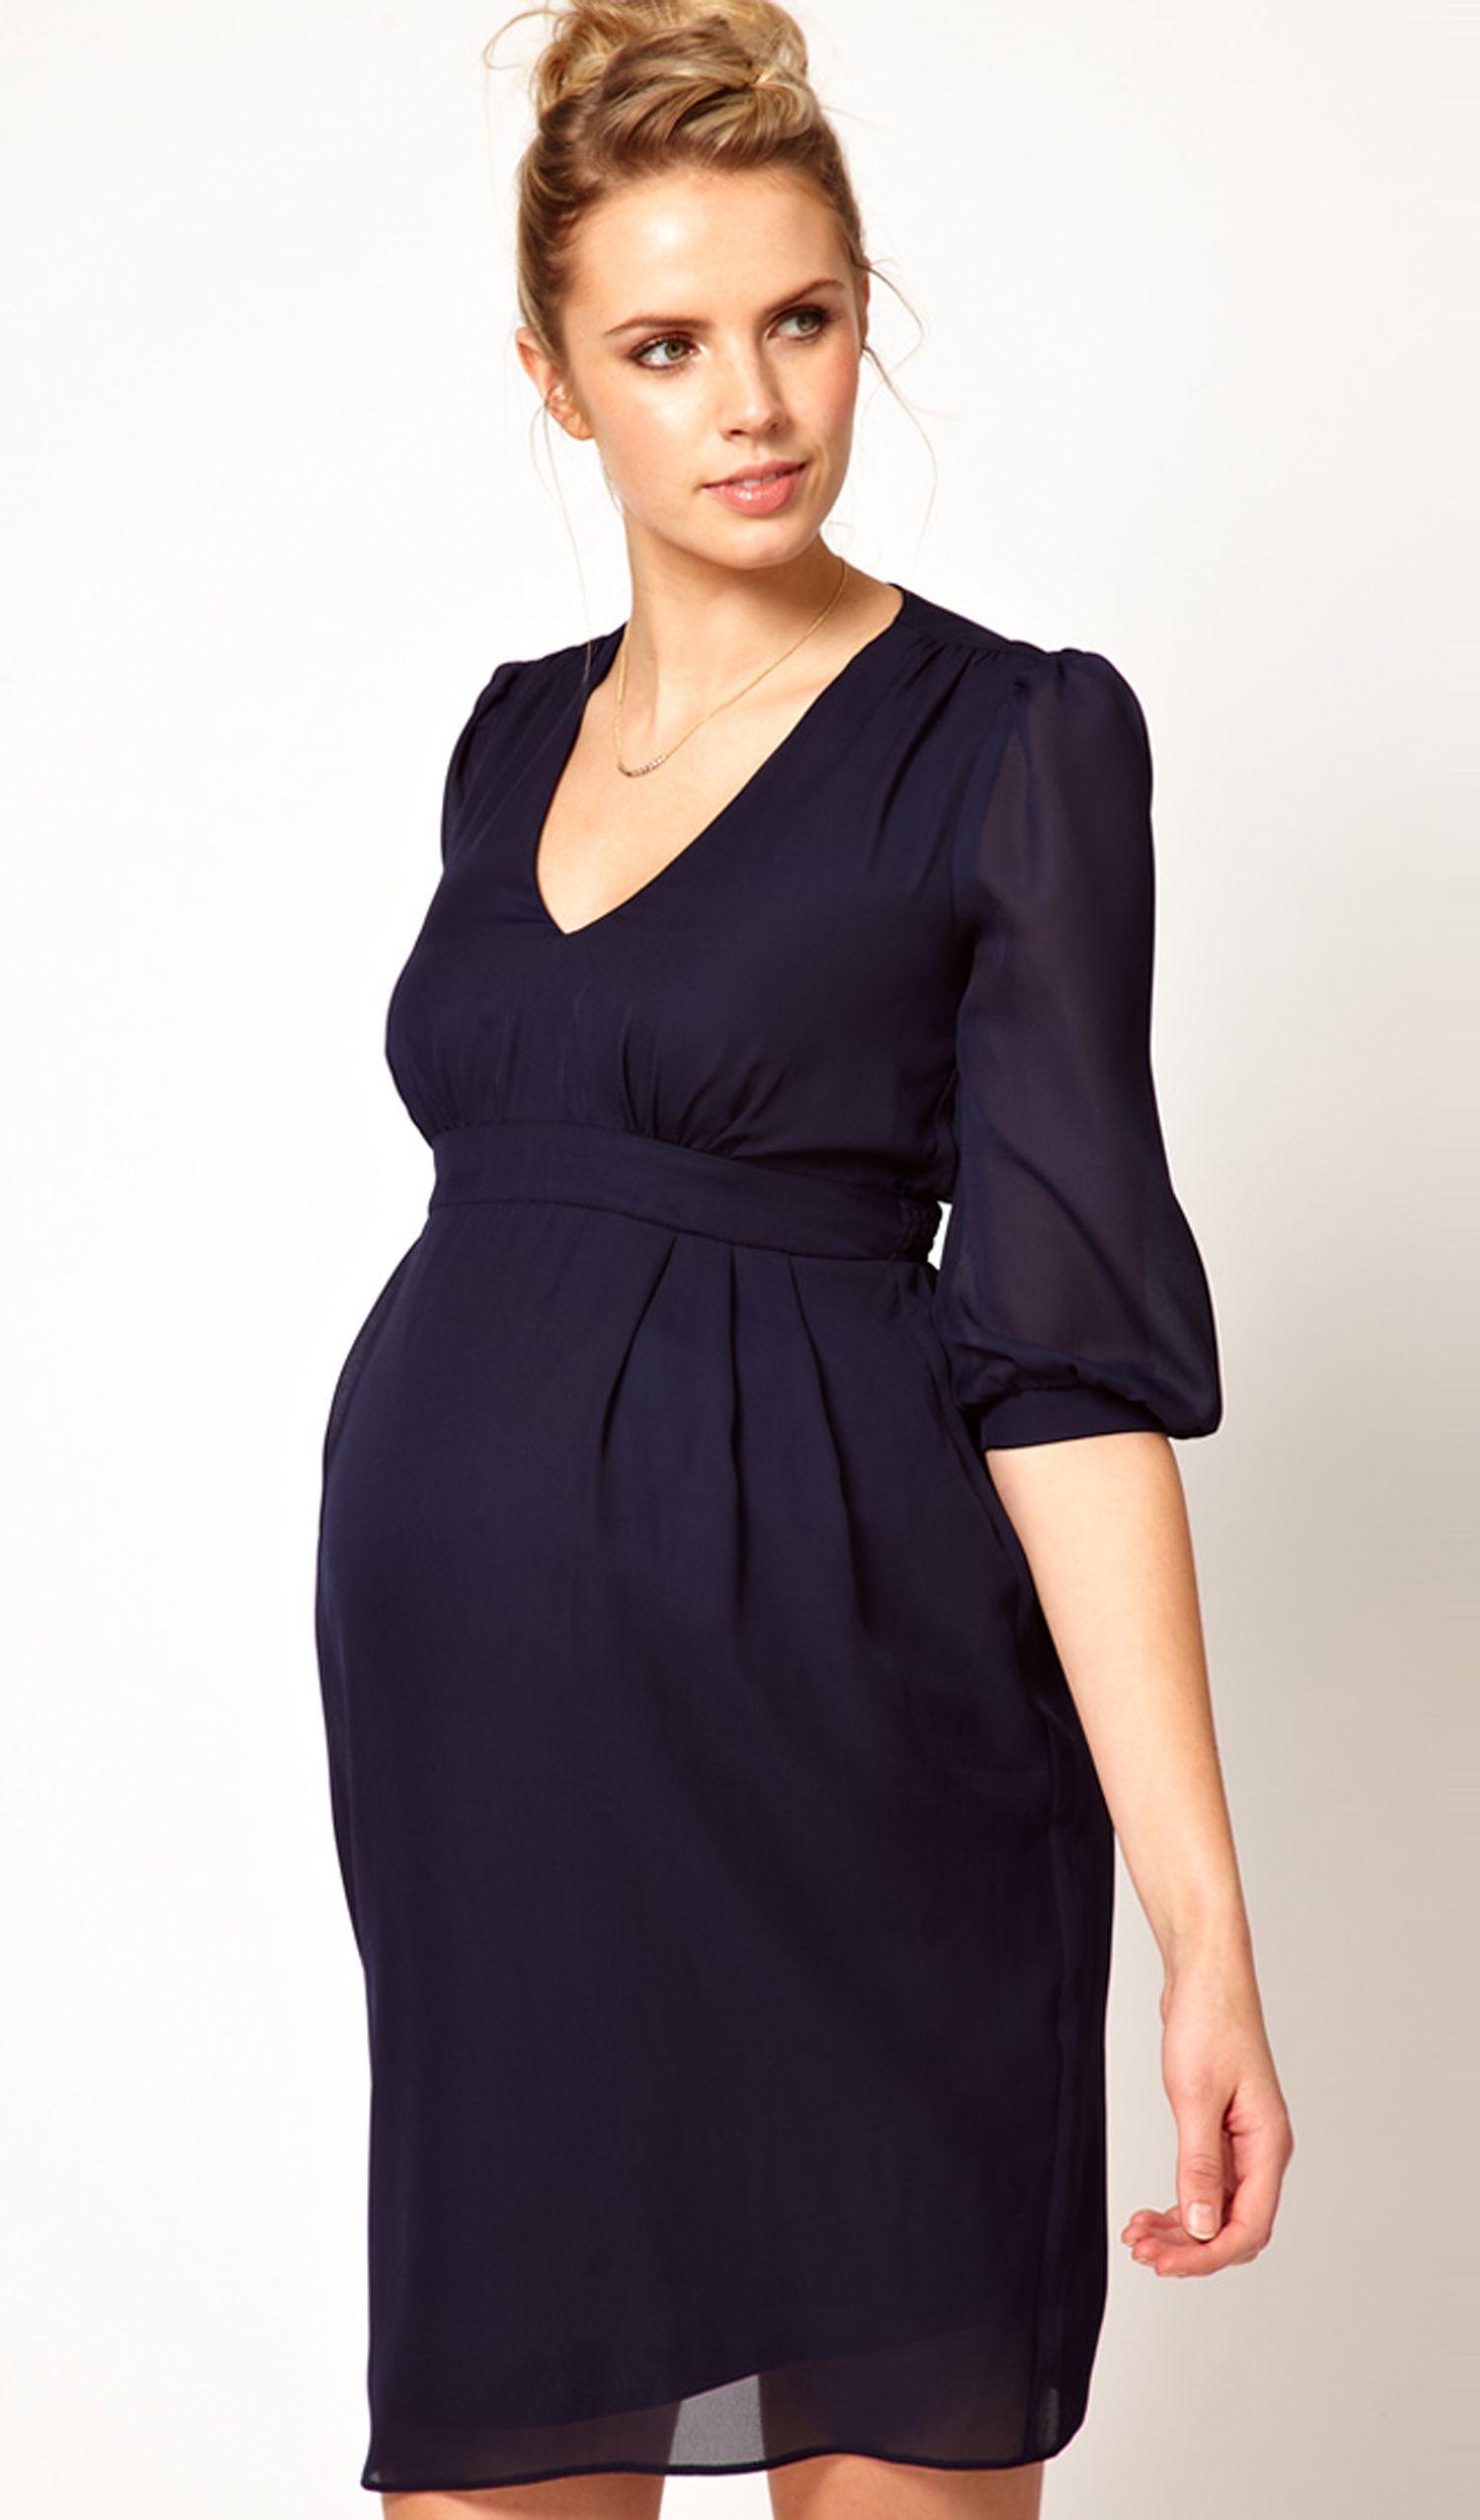 b8c773f116802 Robe taille Empire -  asos.com Maternity -  femmeenceinte  magnifique